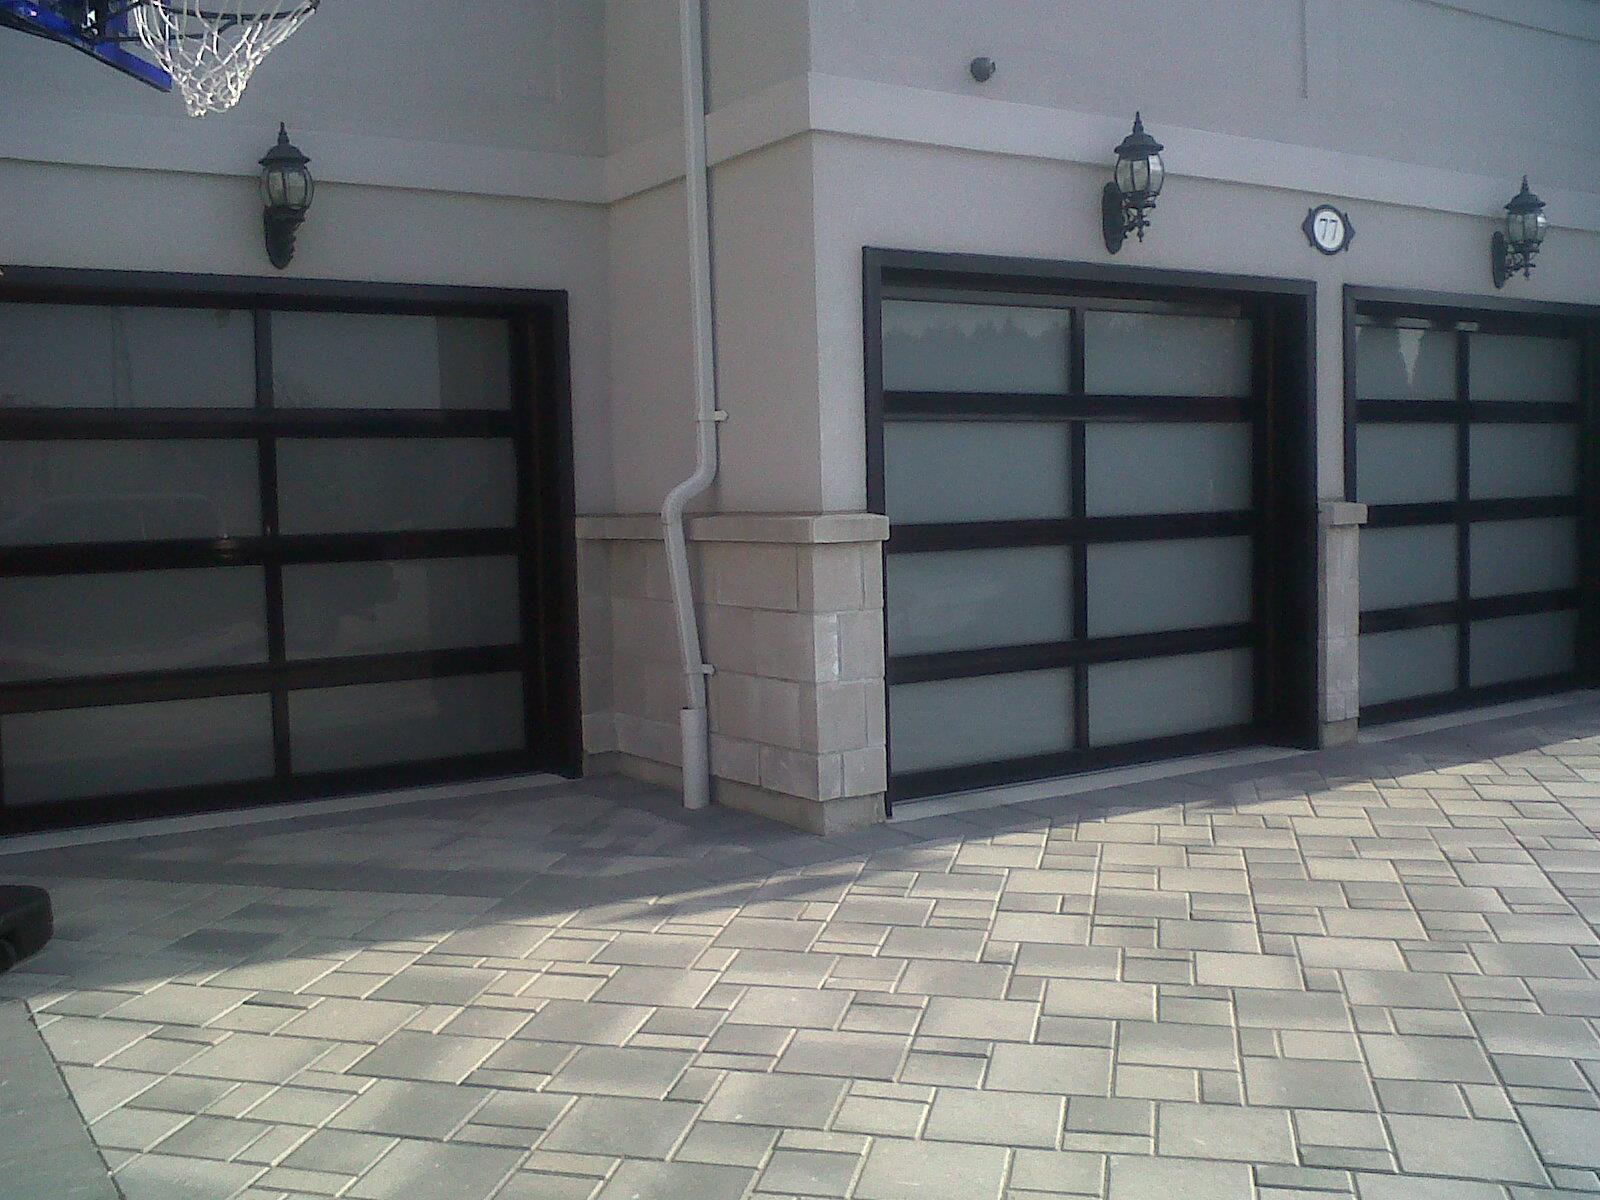 3295 C H I Aluminum Full View Door Powdercoated Black With